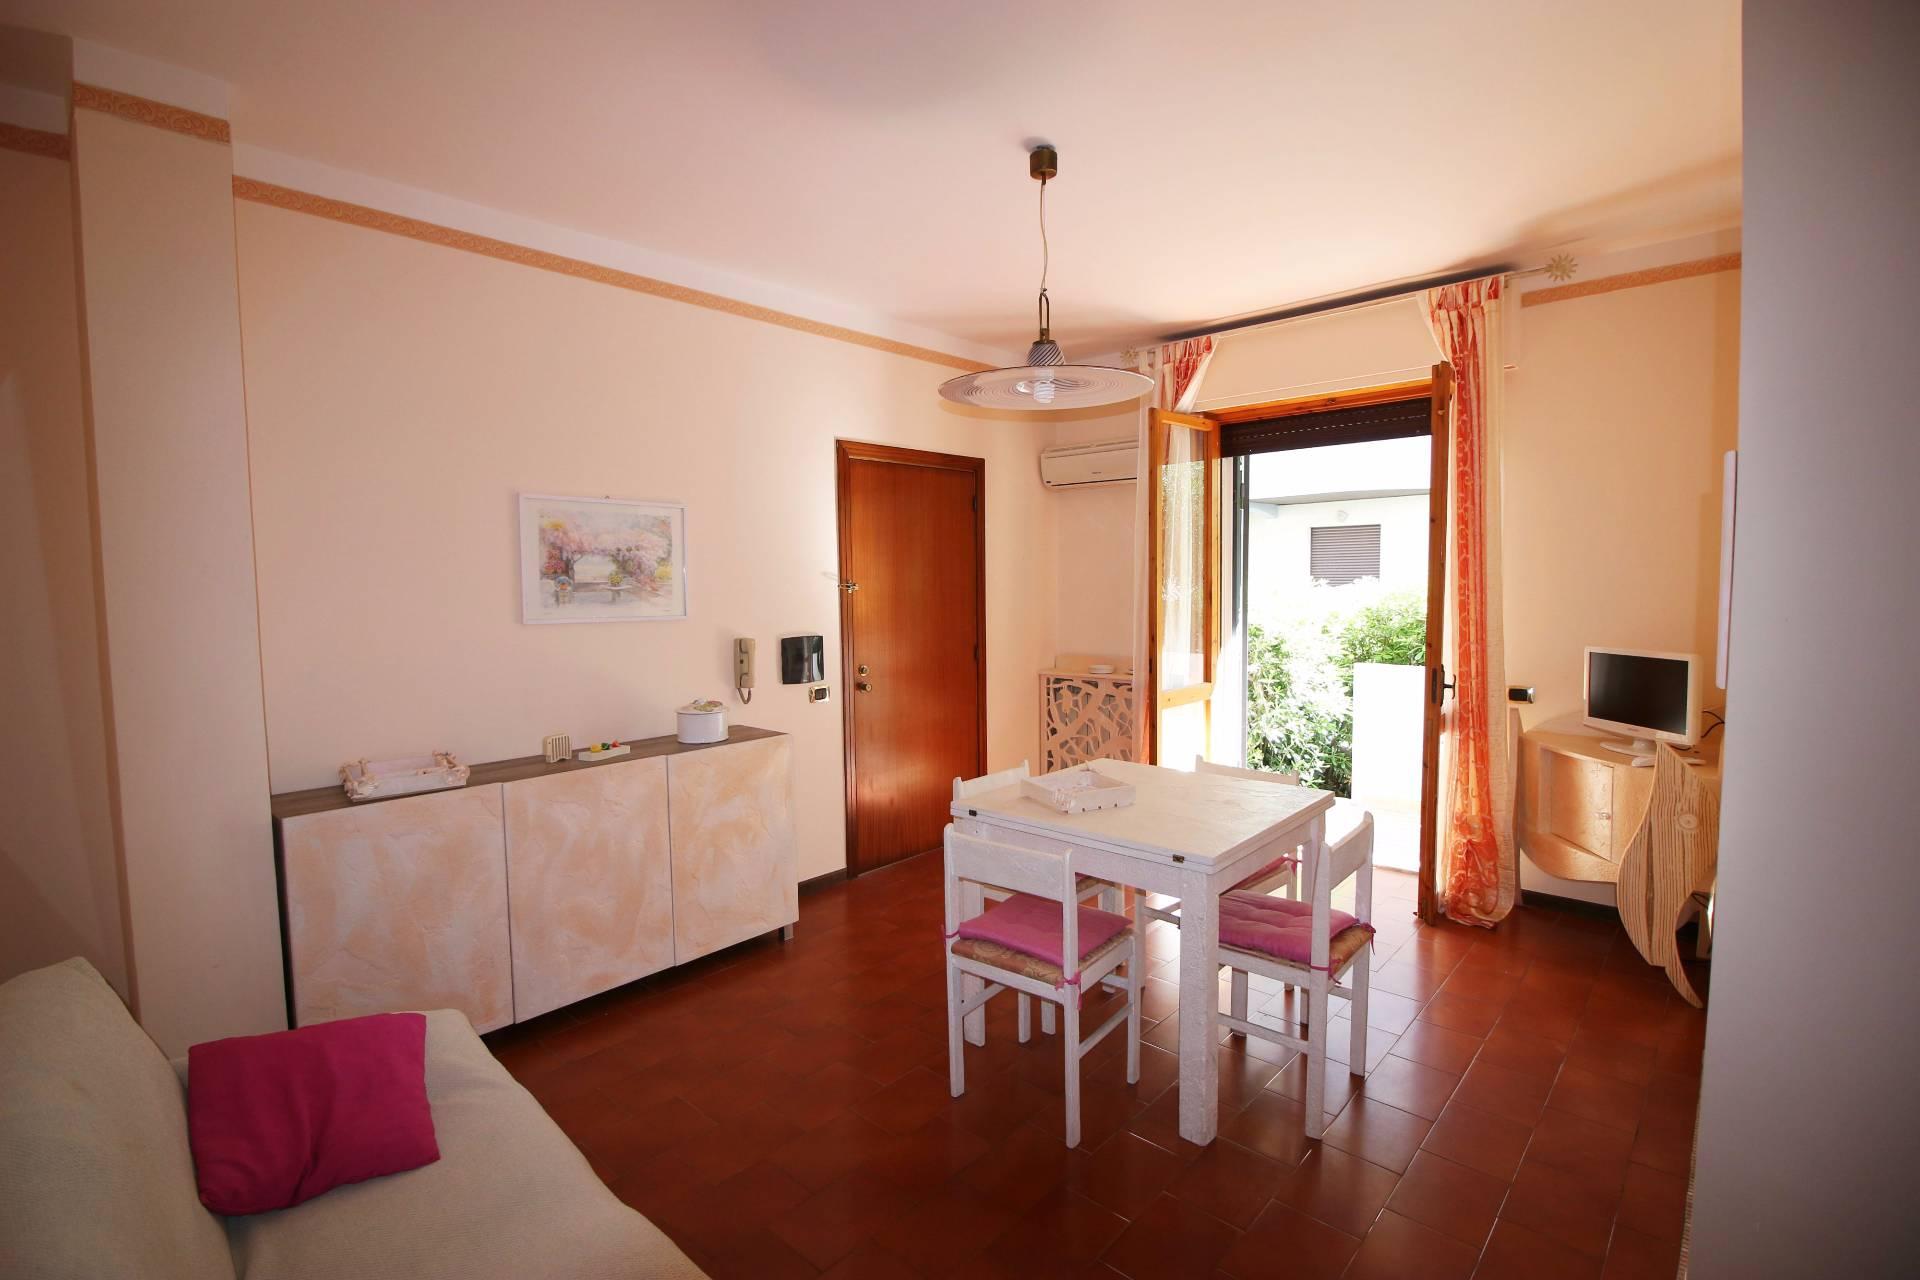 Appartamento in affitto a Tortoreto, 3 locali, zona Località: TortoretoLido, prezzo € 300 | Cambio Casa.it